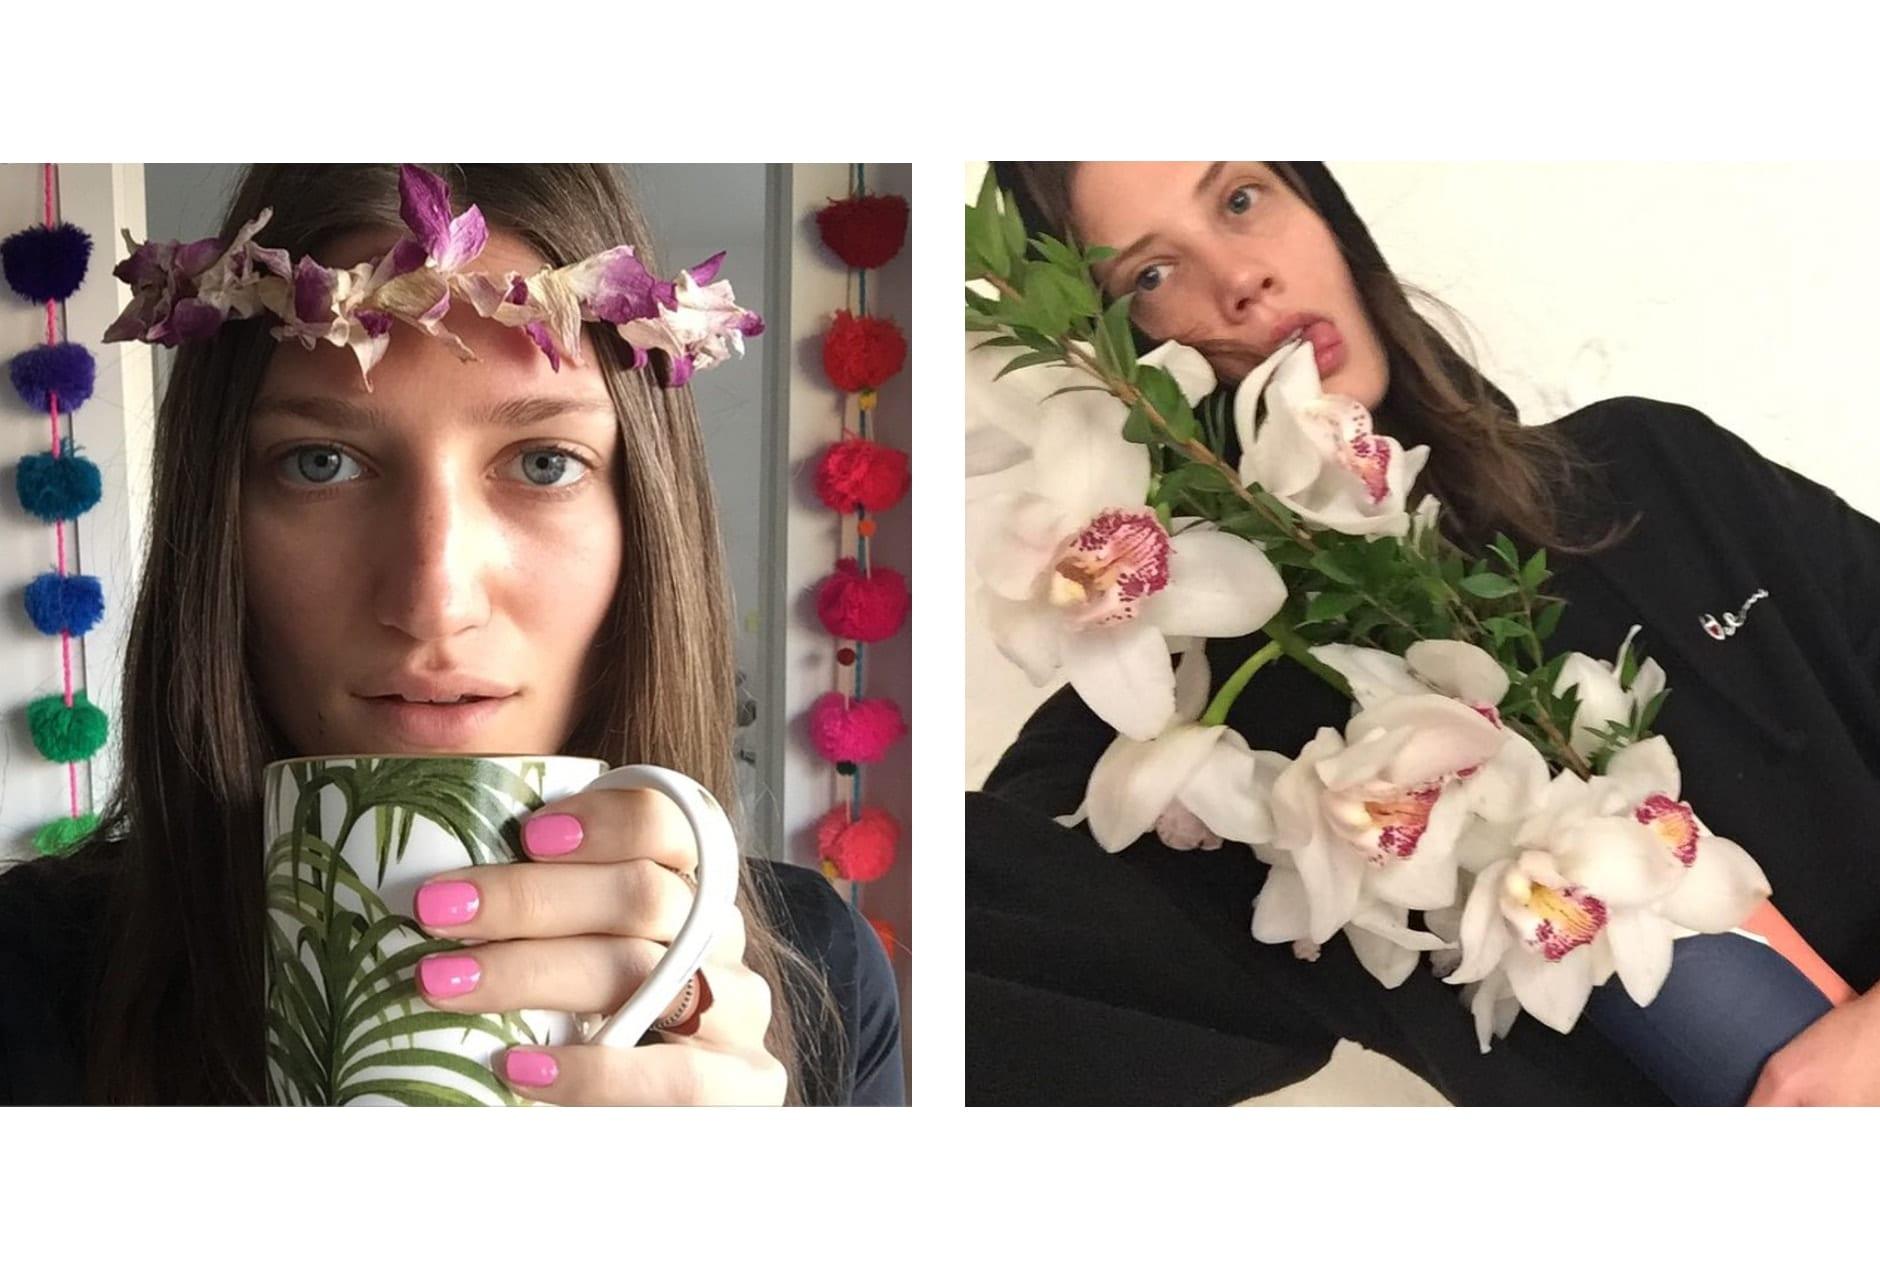 FLOWERS_kissser_drakeburnette-min